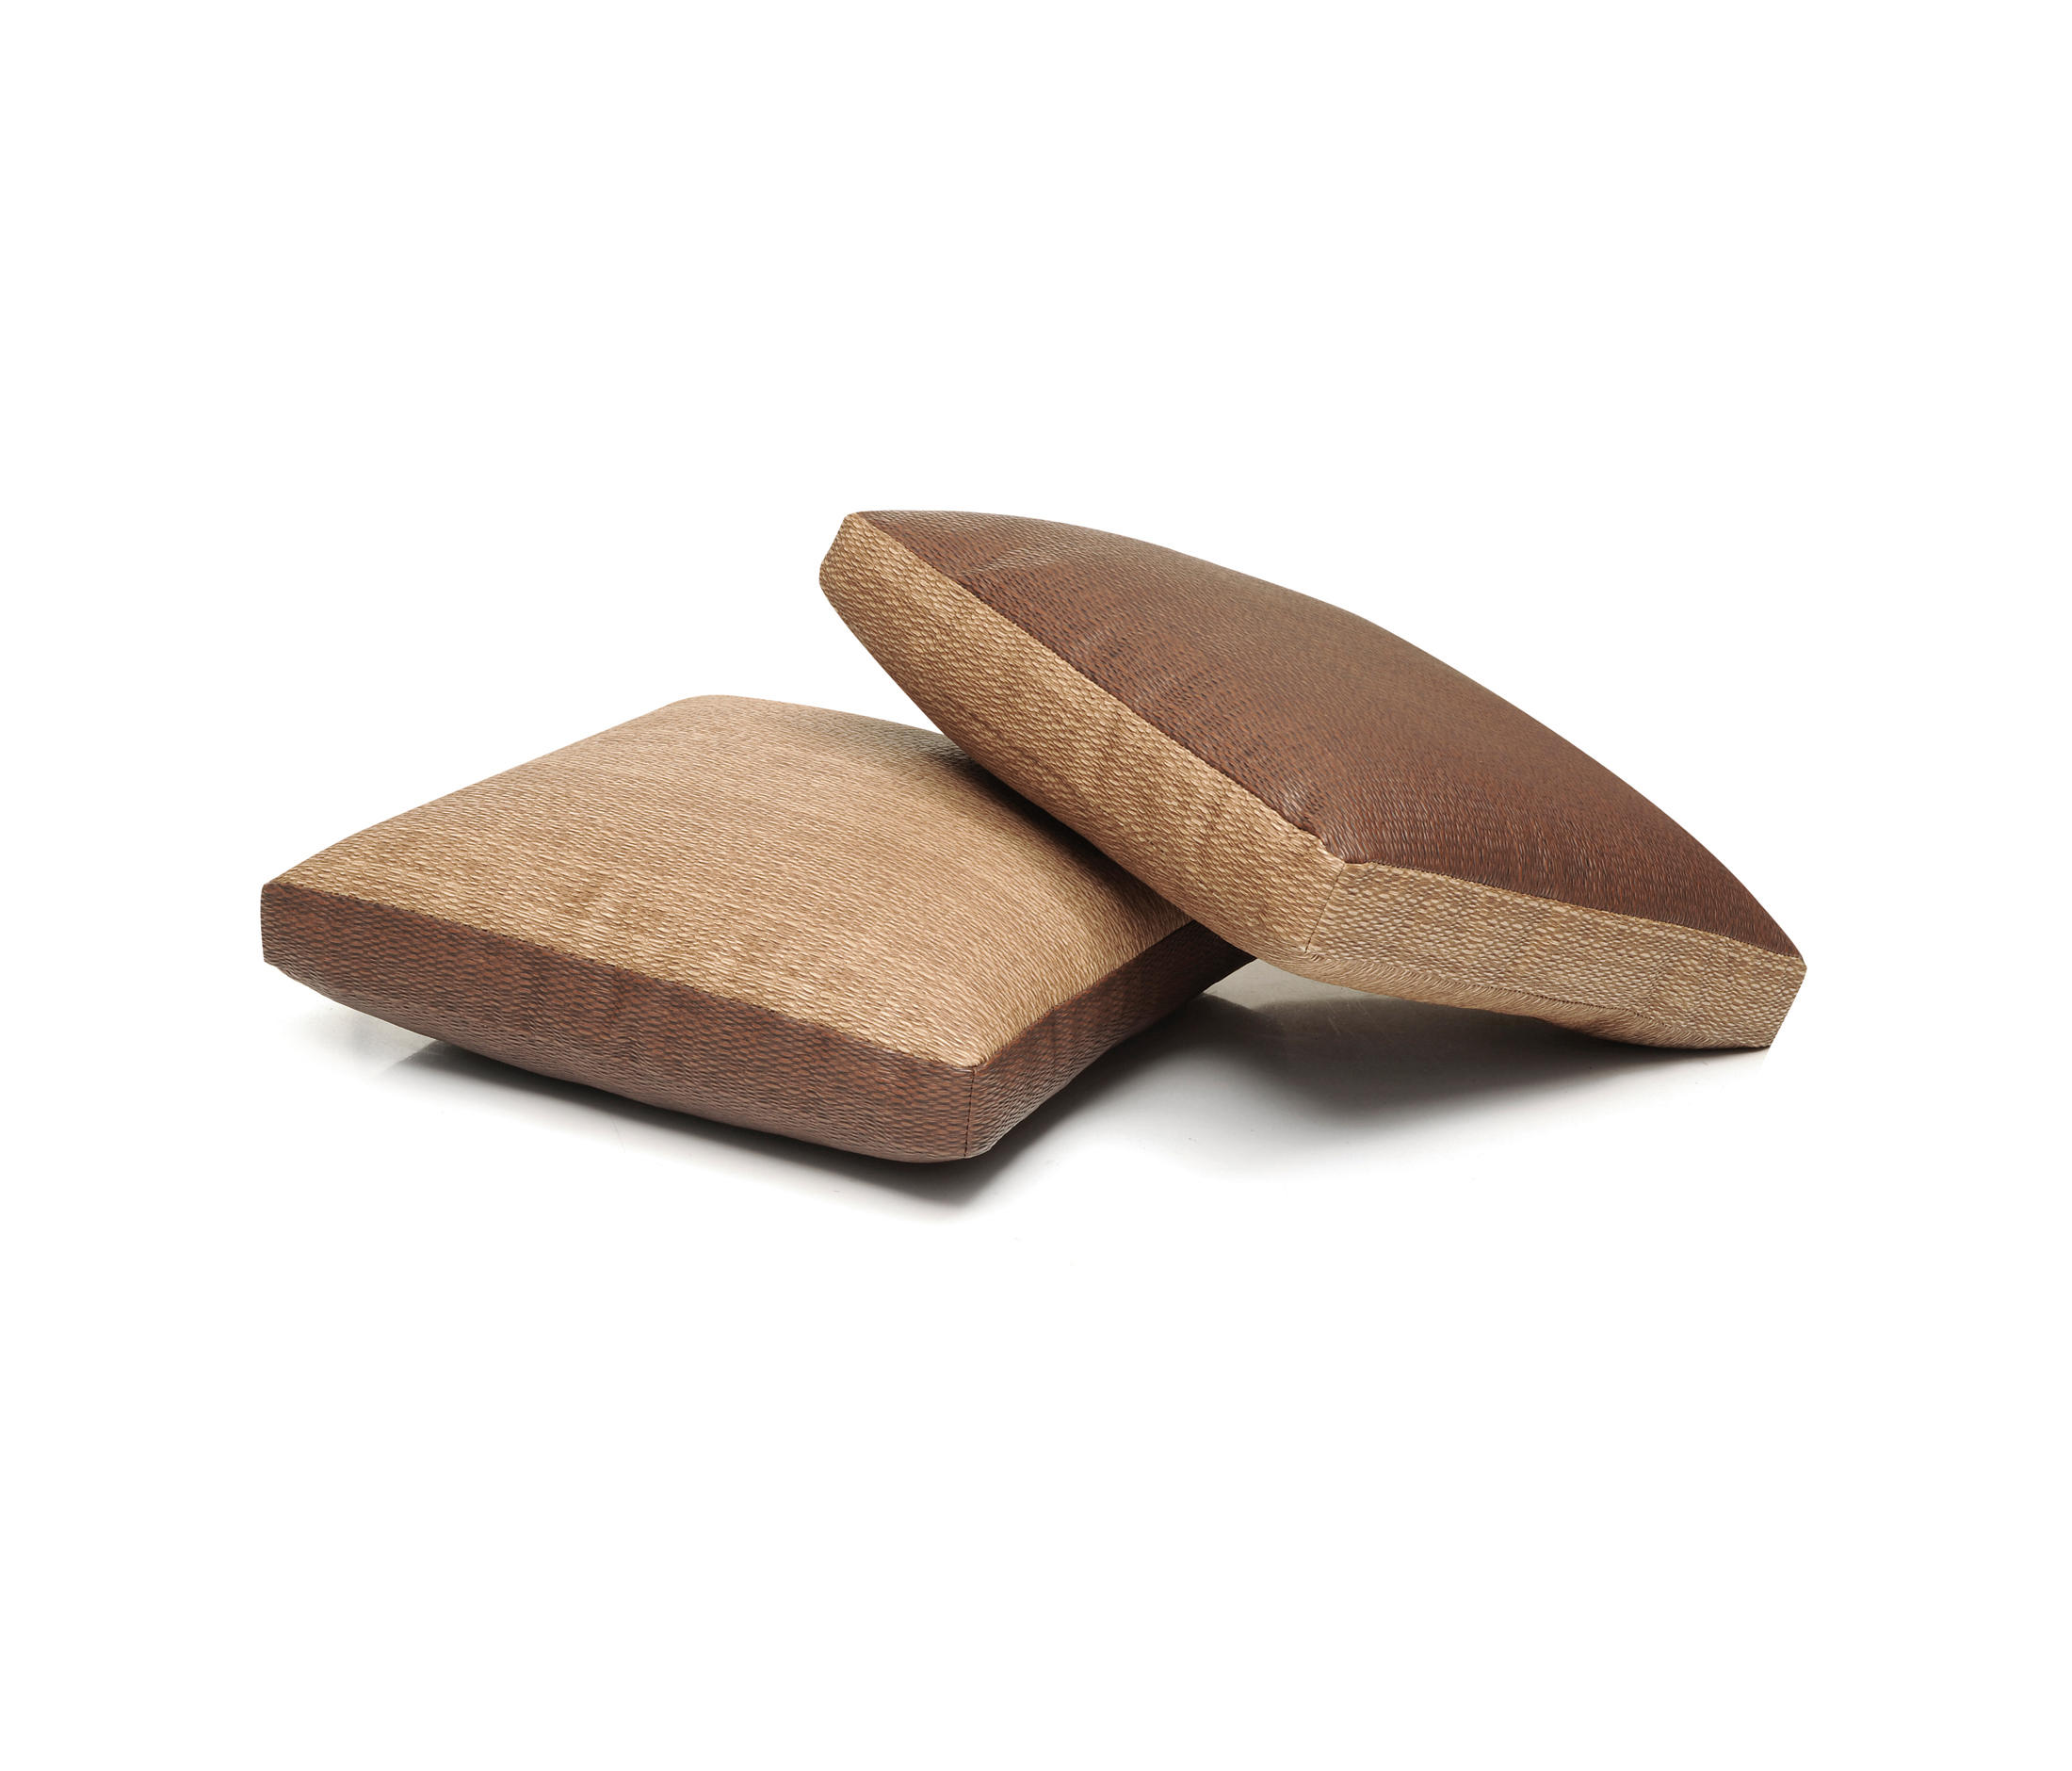 SKAI PASATINA ANTHRACITE - Faux leather from Hornschuch ... Hornschuch Skai